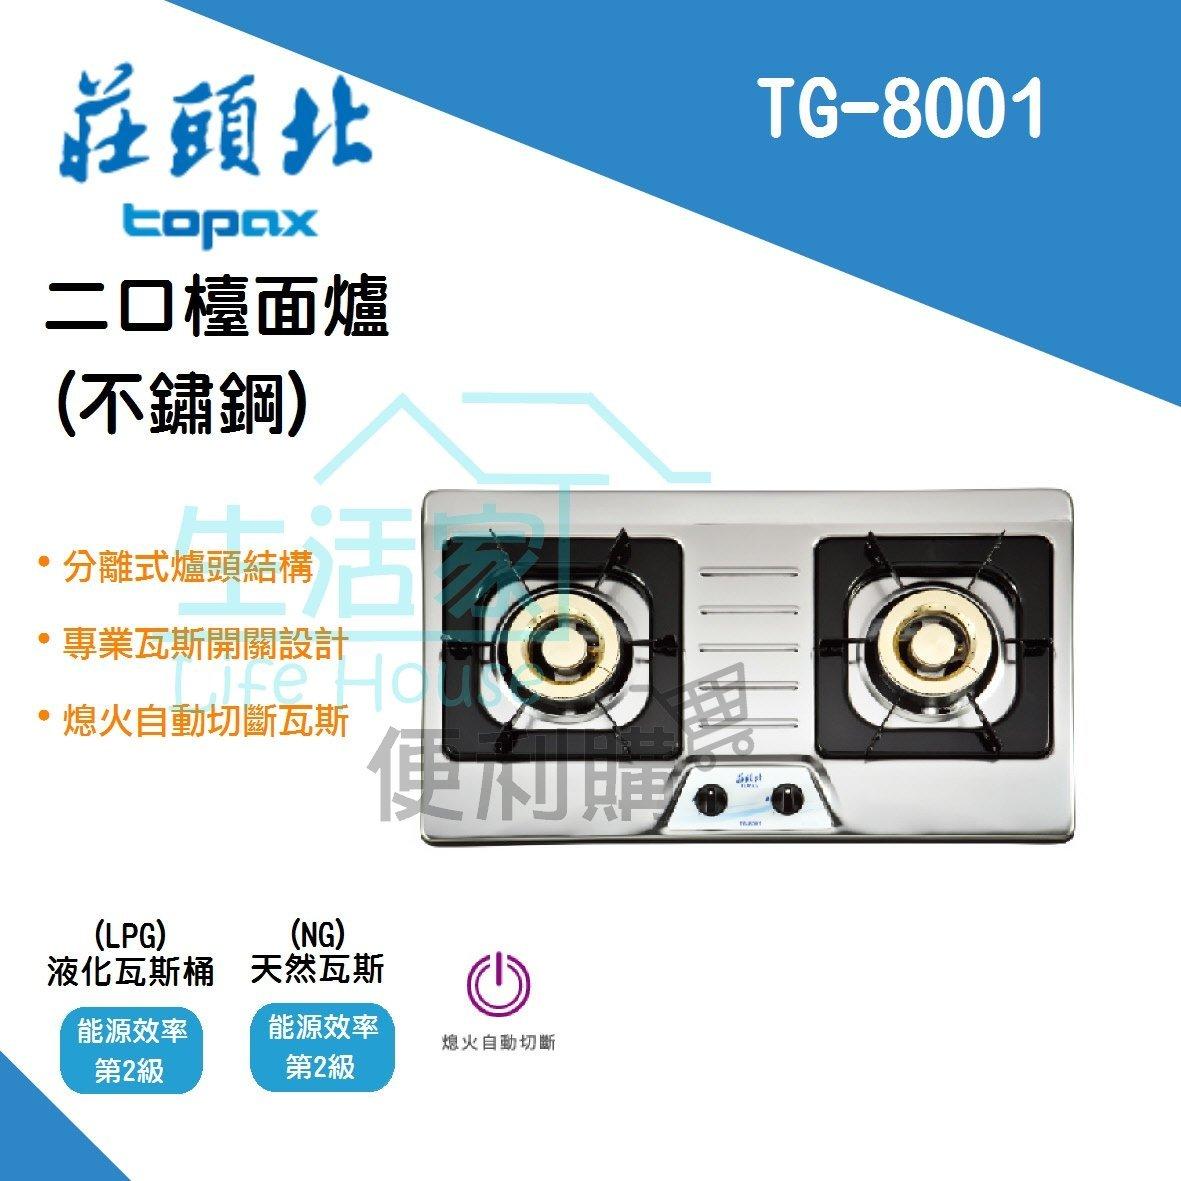 【 家便利購】《附發票》莊頭北 TG-8001 二口 檯面爐(不鏽鋼) 分離式爐頭 瓦斯爐